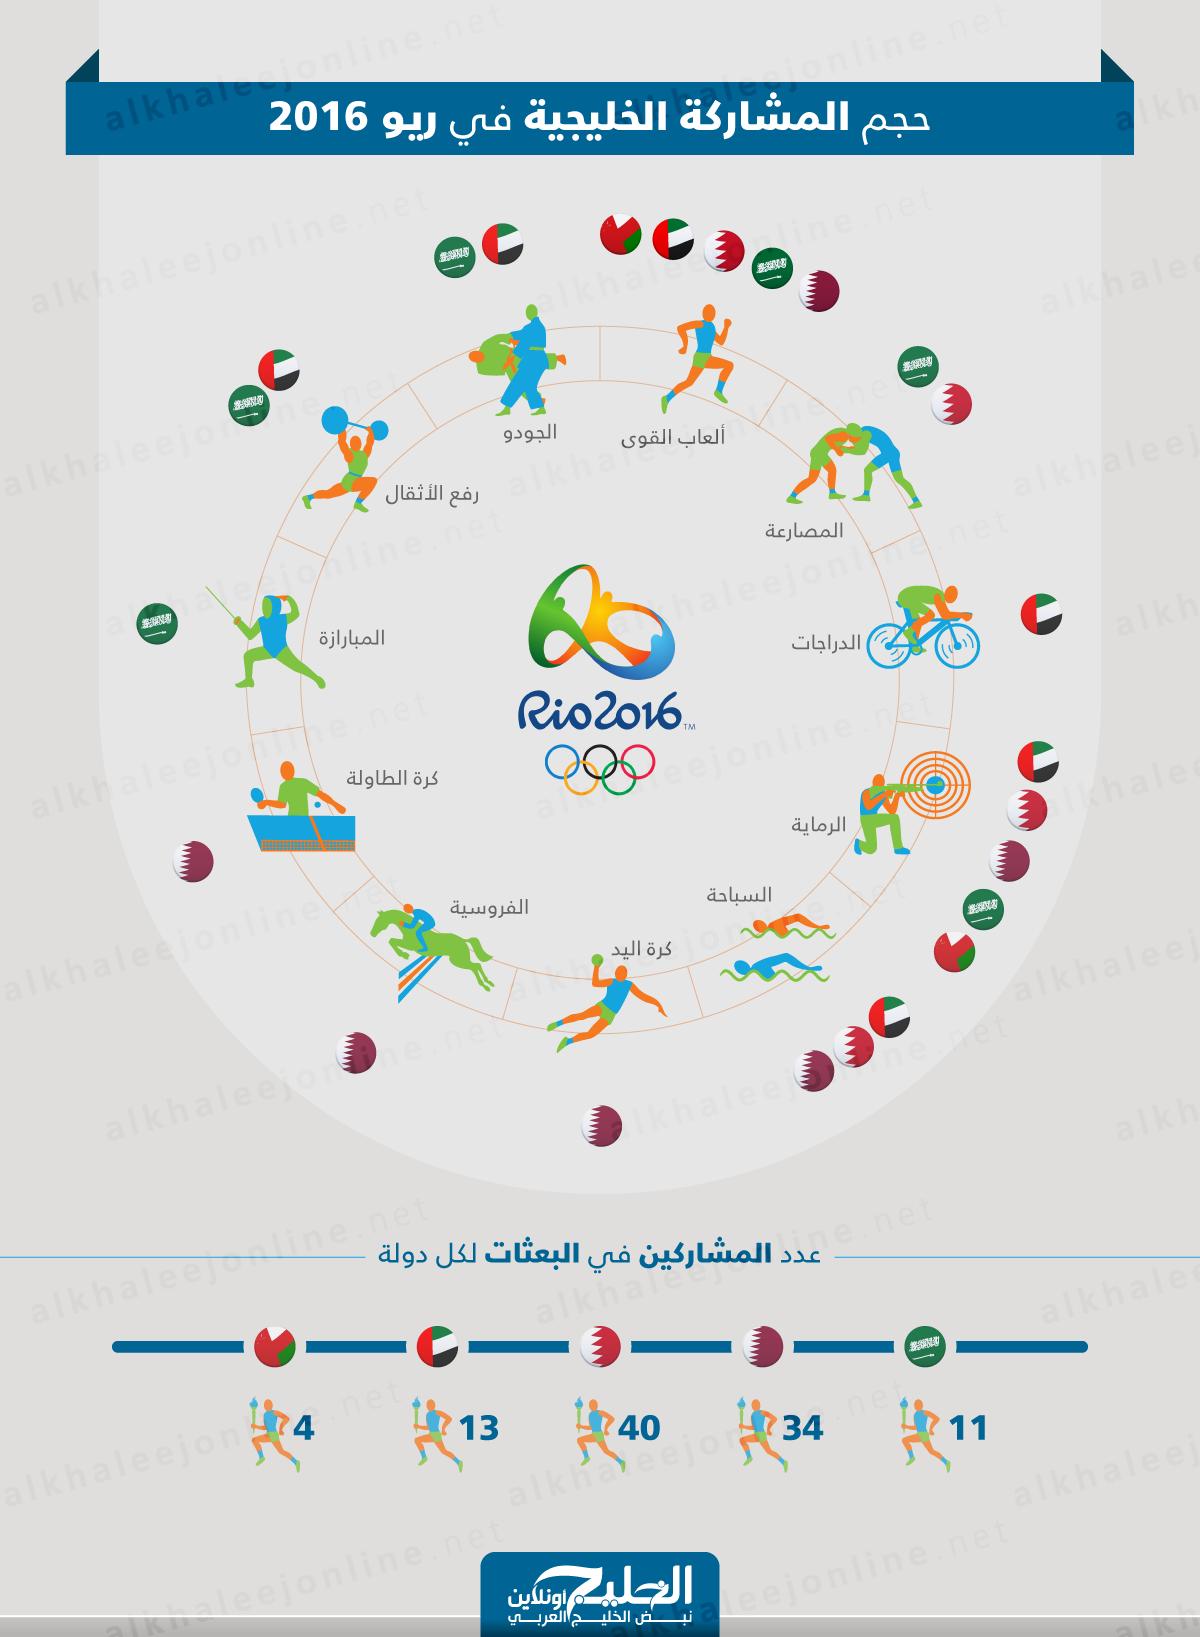 حجم-المشاركة-الخليجية-1